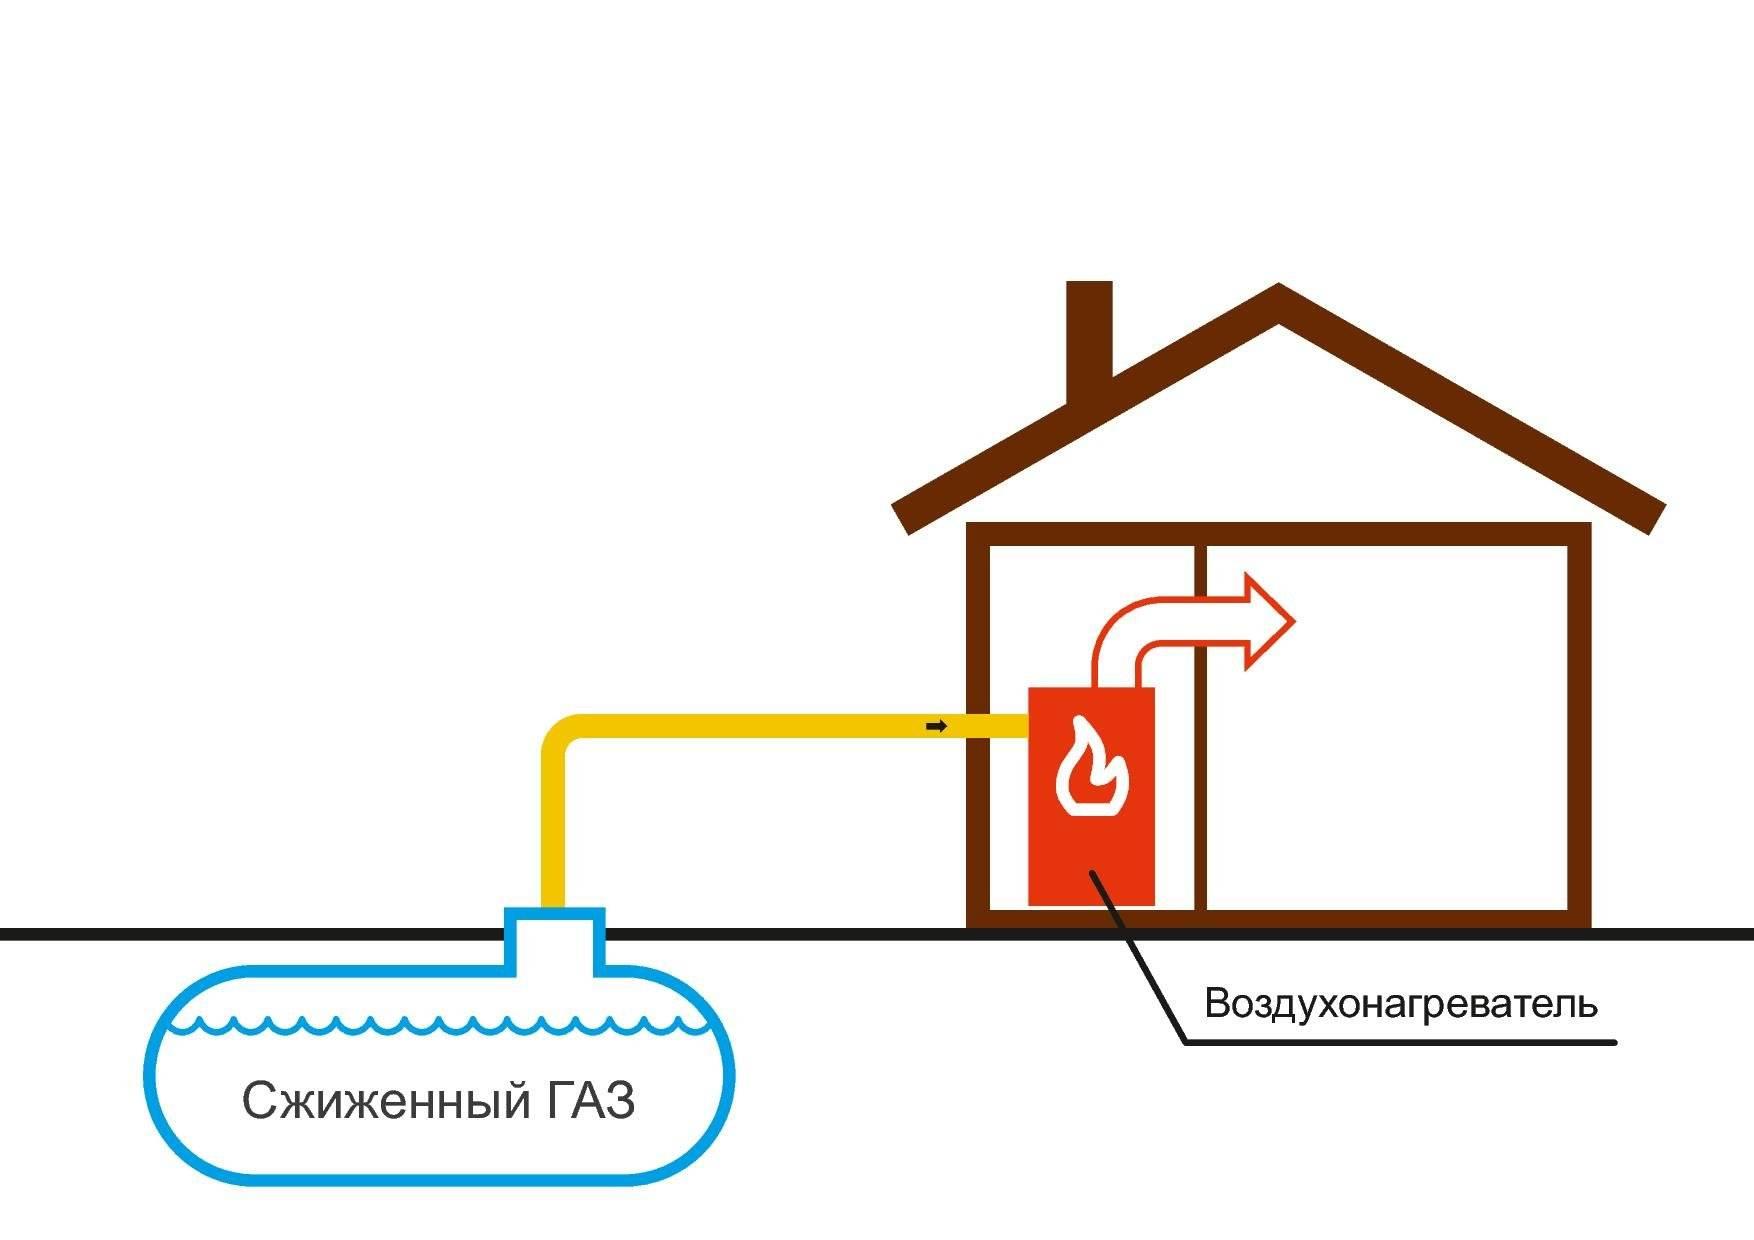 Отопление газовыми баллонами частного дома: расход сжиженного газа